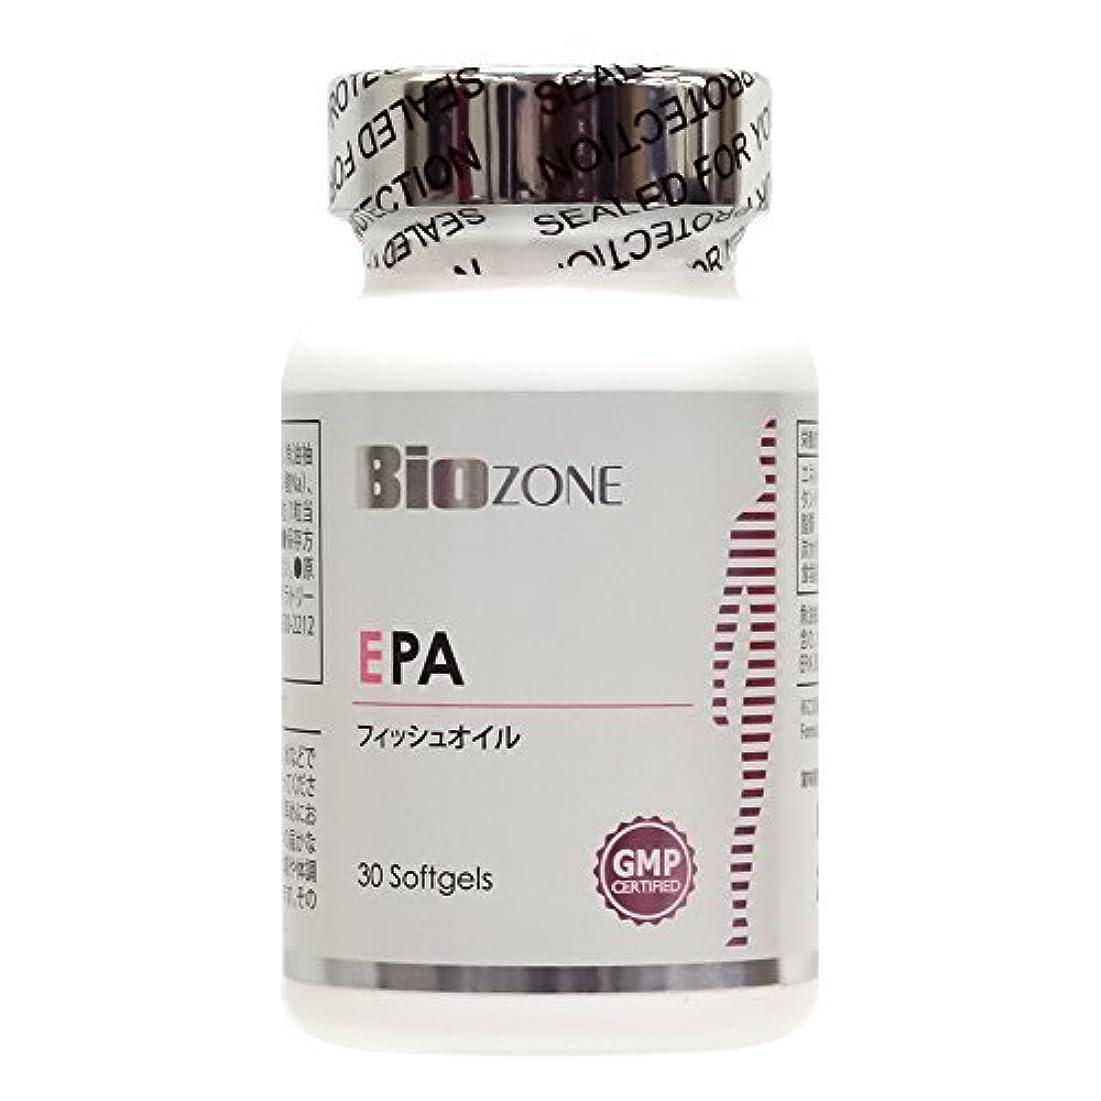 輸送スペル憂鬱なダグラスラボラトリーズ バイオゾーン(BioZONE) サプリメント EPA 30粒 30日分